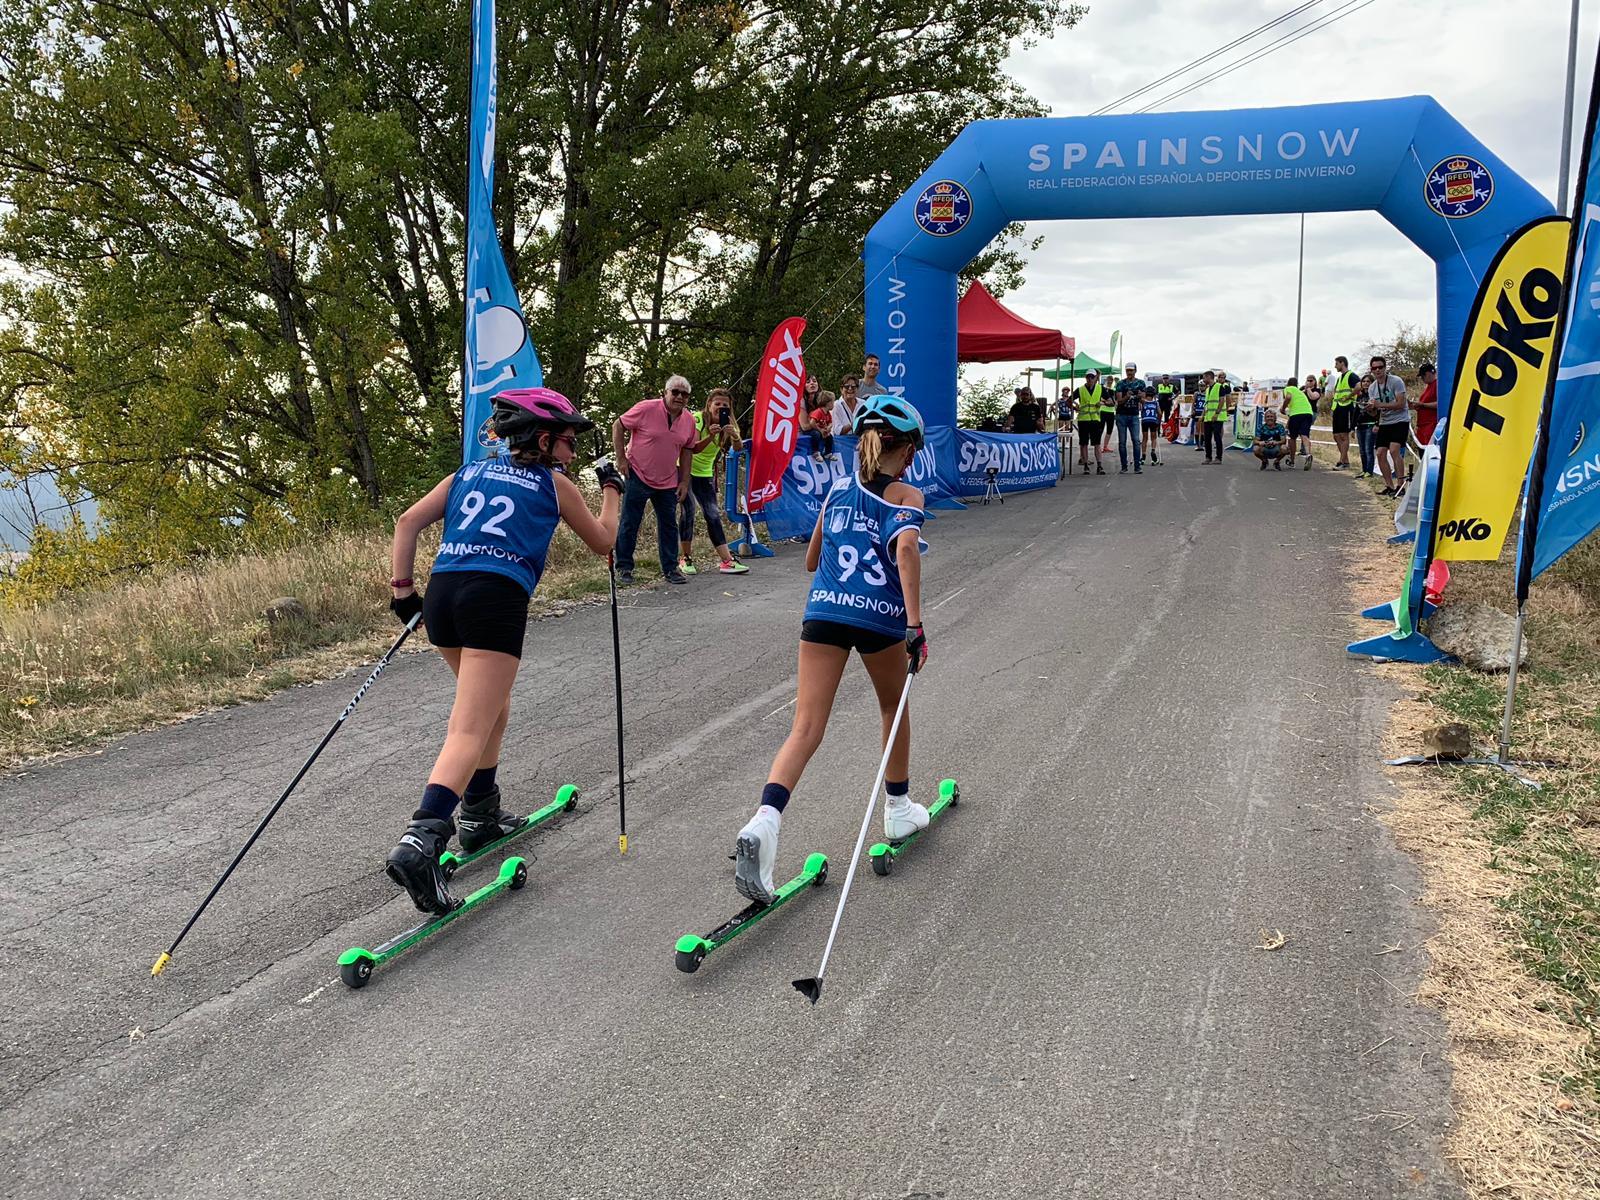 Campeonato de España de Rollerski